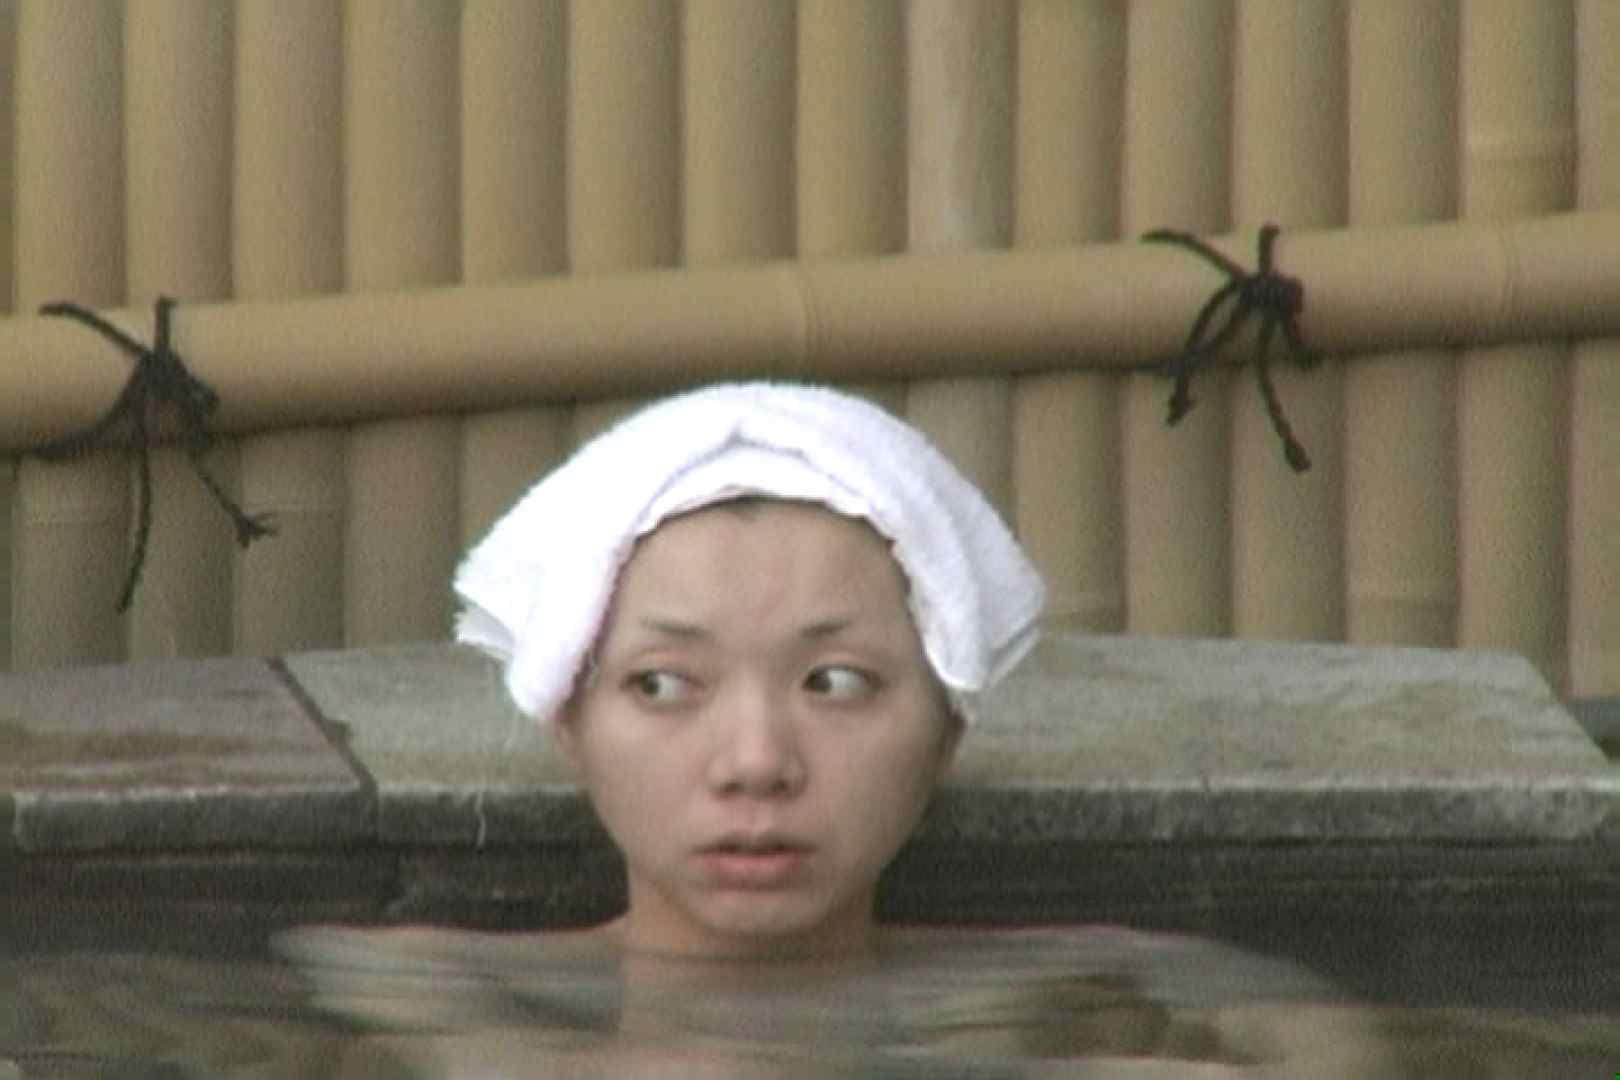 Aquaな露天風呂Vol.630 OLエロ画像 | 盗撮  110PICs 52